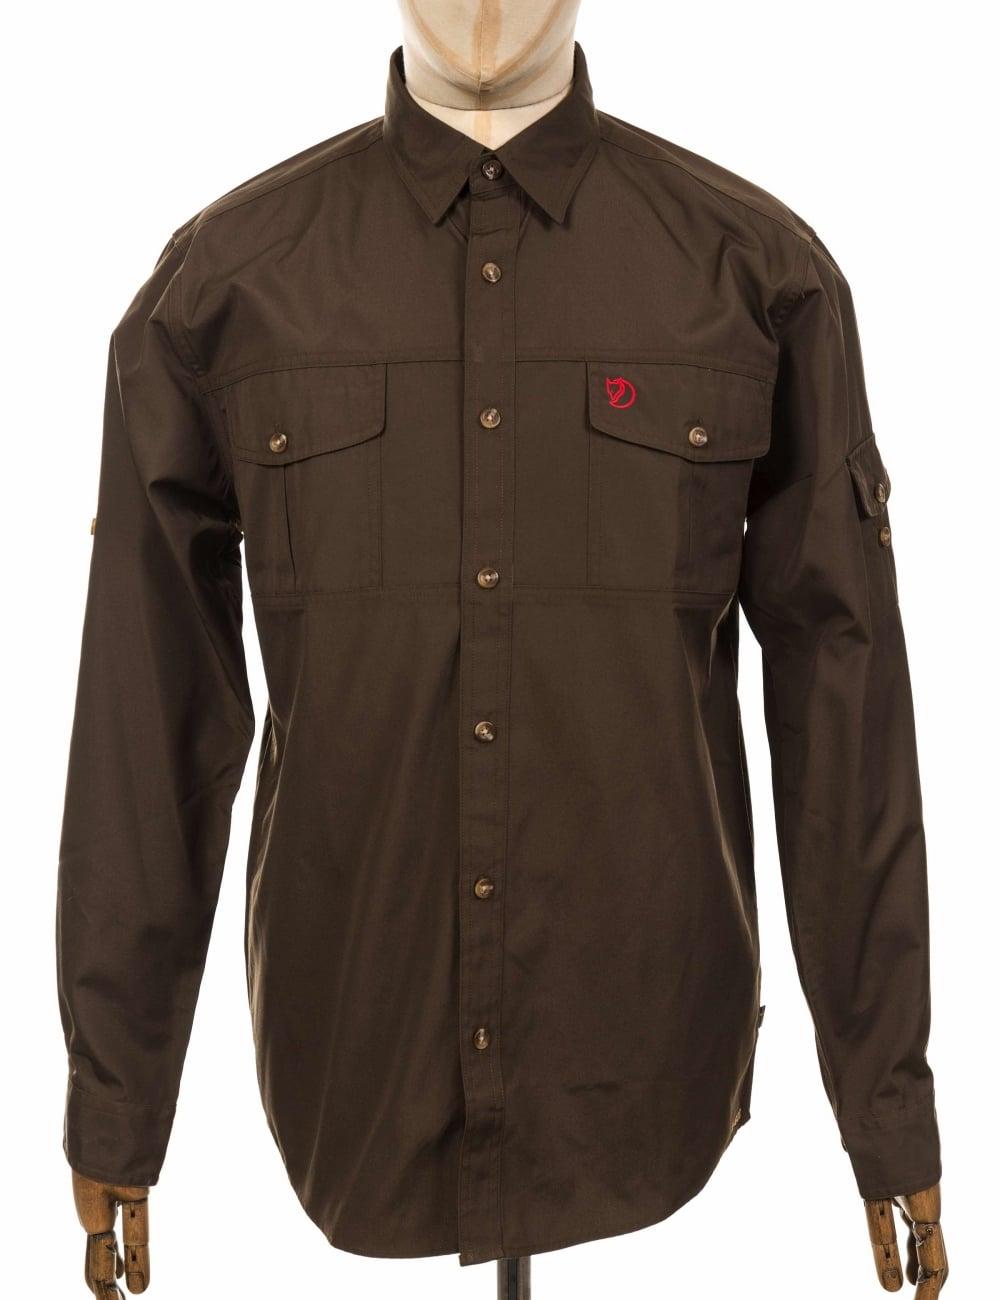 b6c878ddc36 Fjallraven Singi Trekking Shirt - Dark Olive - Clothing from Fat ...